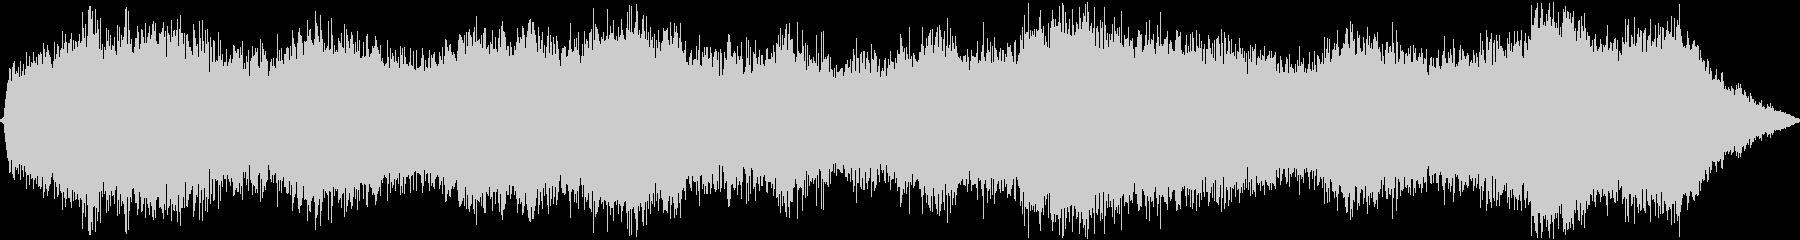 ダークアンビエント_05 リンリンの未再生の波形